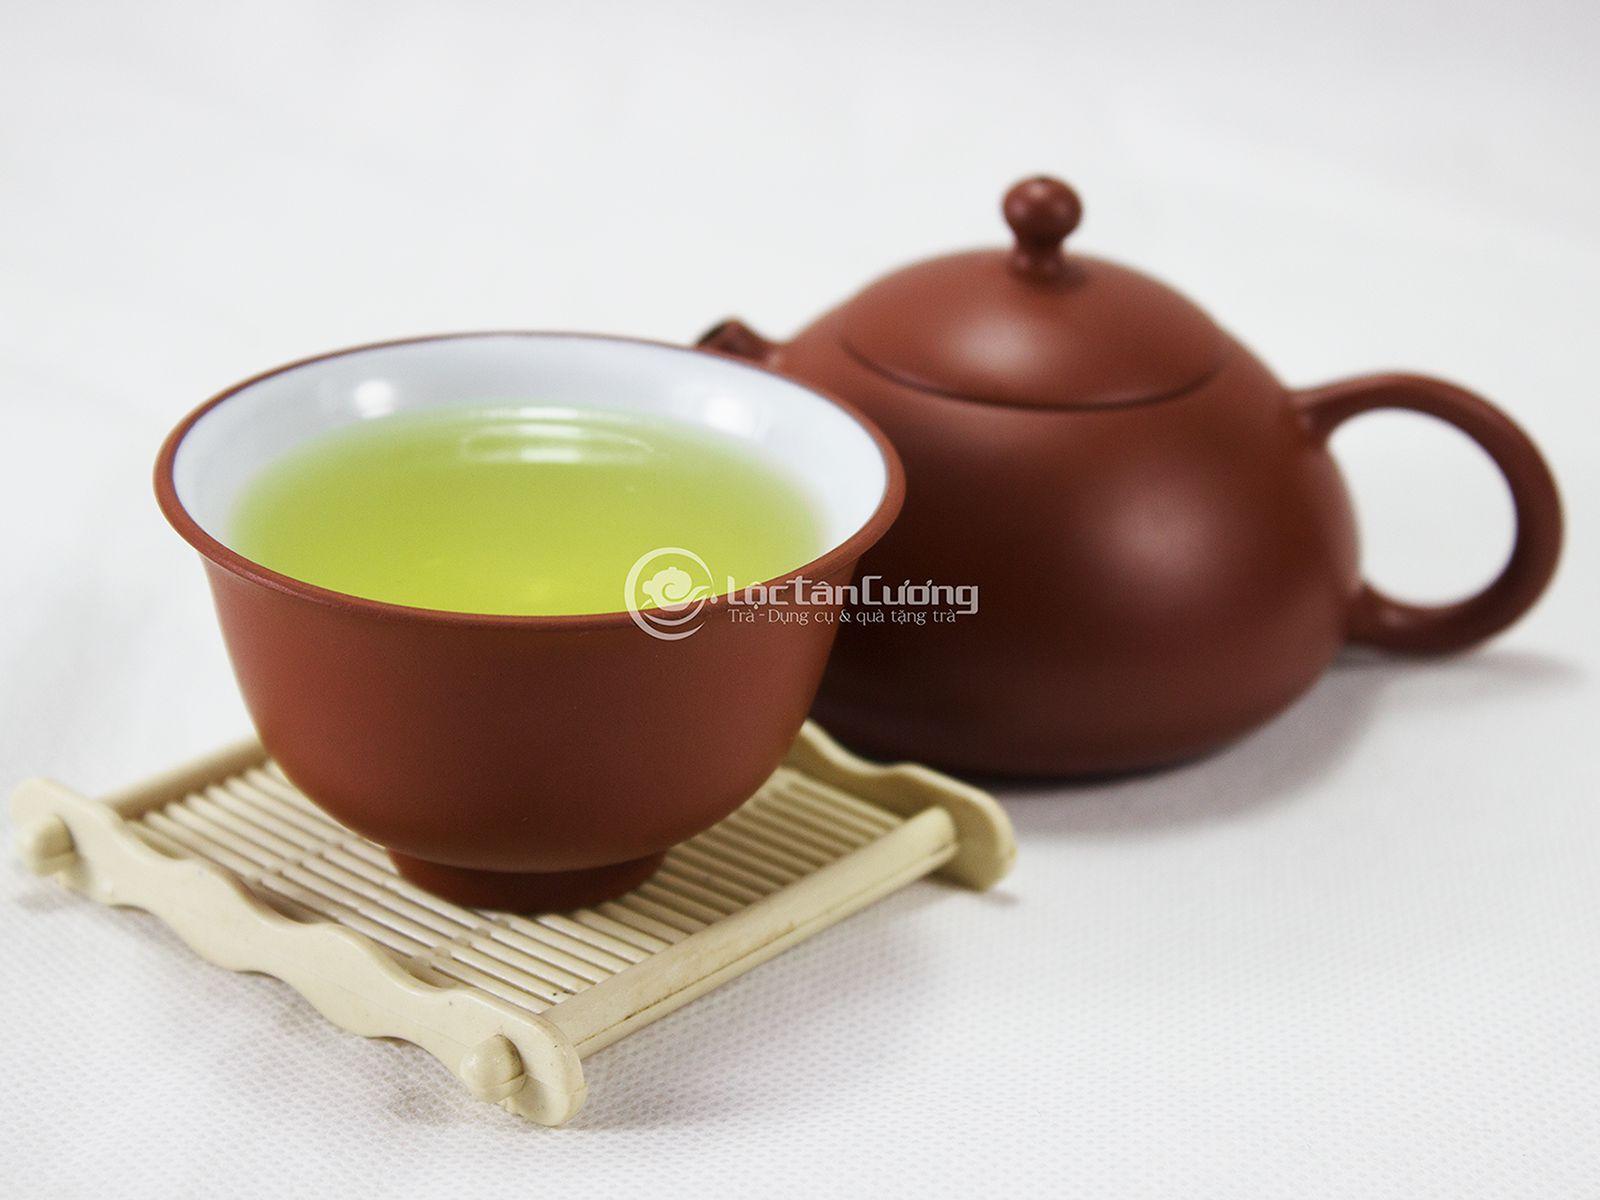 Trà đinh ngọc Lộc Tân Cương với hương vị đặc trưng, đảm bảo chất lượng